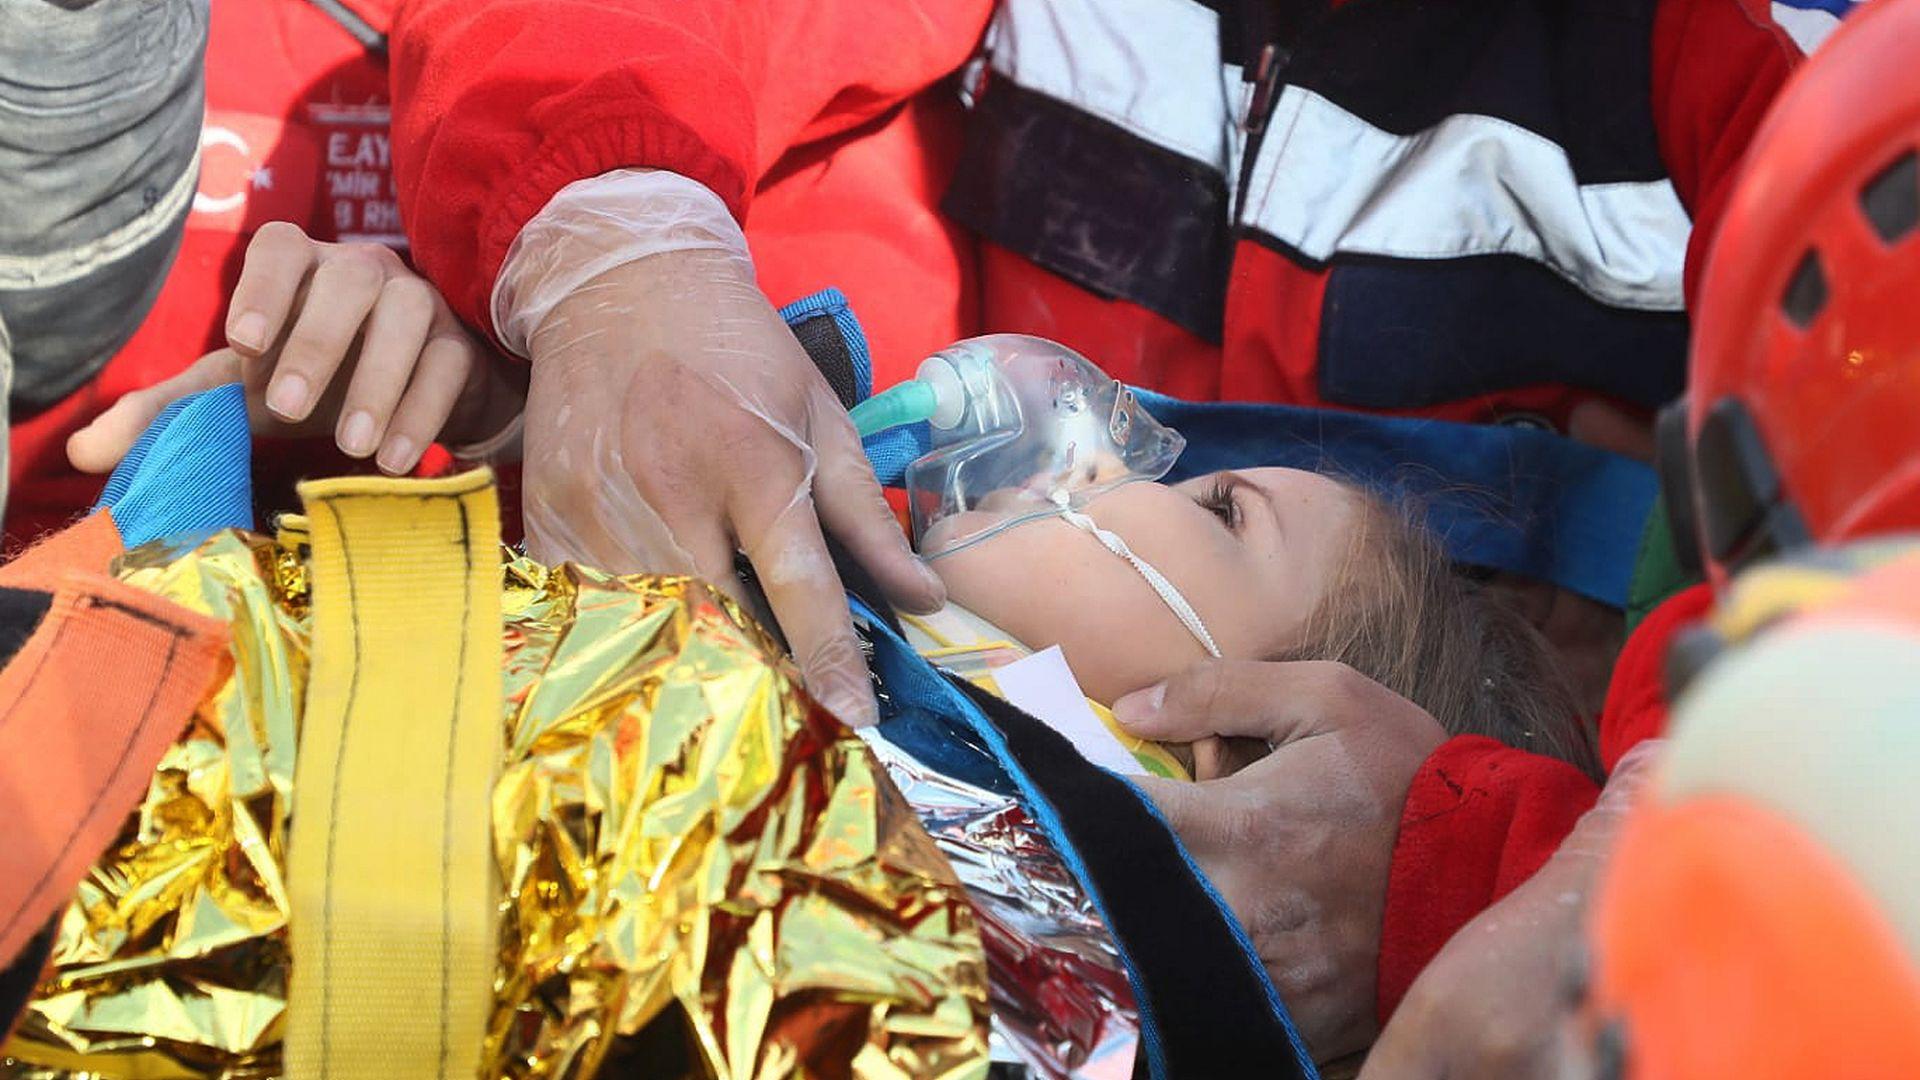 Чудо в 91-ия час в Измир: След Елиф, спасиха и 3-годишната Айля изпод руините (сники и видео)